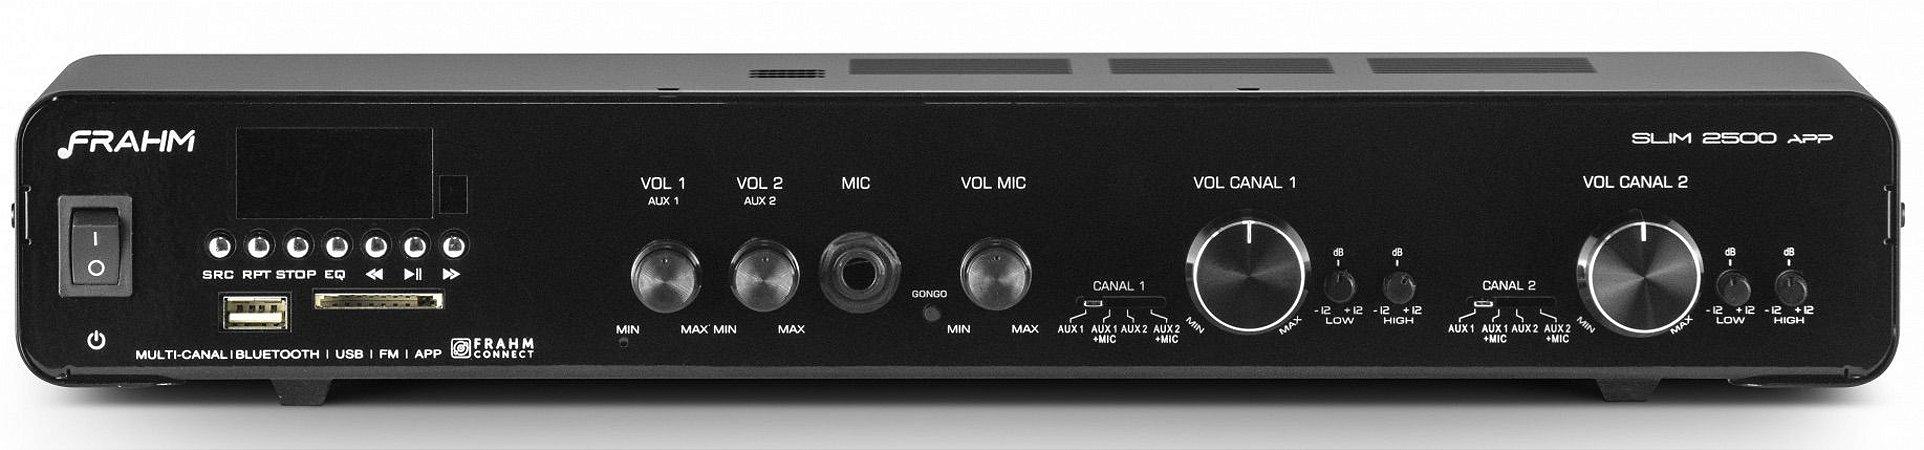 Amplificador / Receiver Frahm SLIM 2500